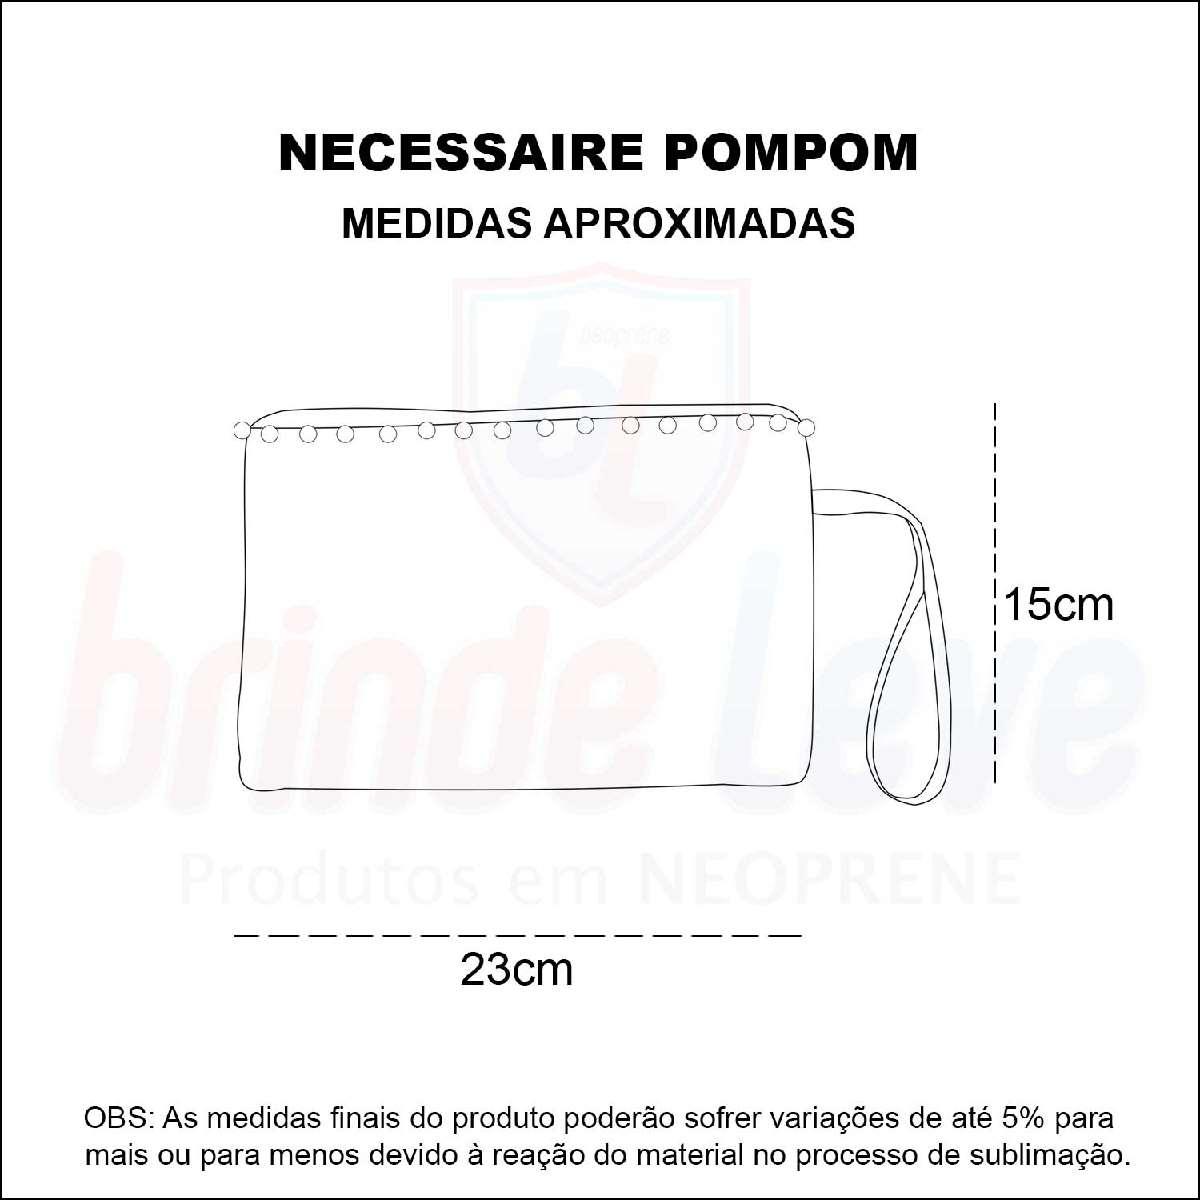 Medidas Necessaire Pompom Personalizada